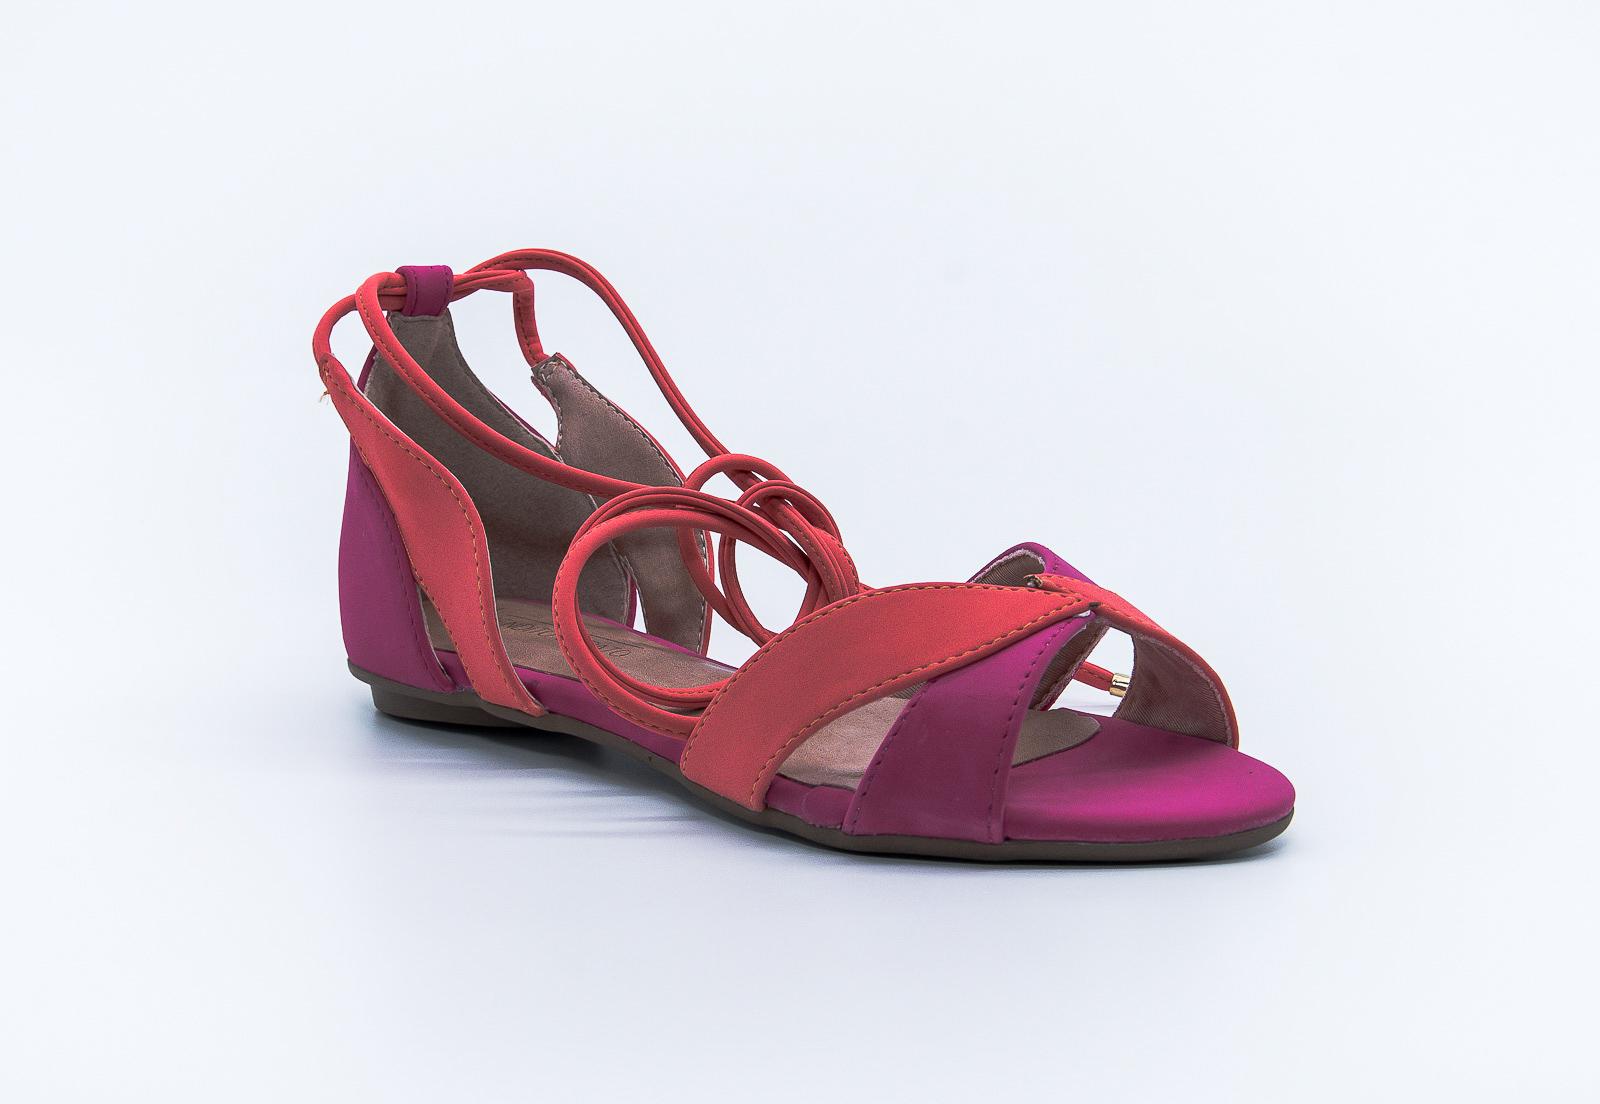 Sandália pink e coral Bendito Sapato